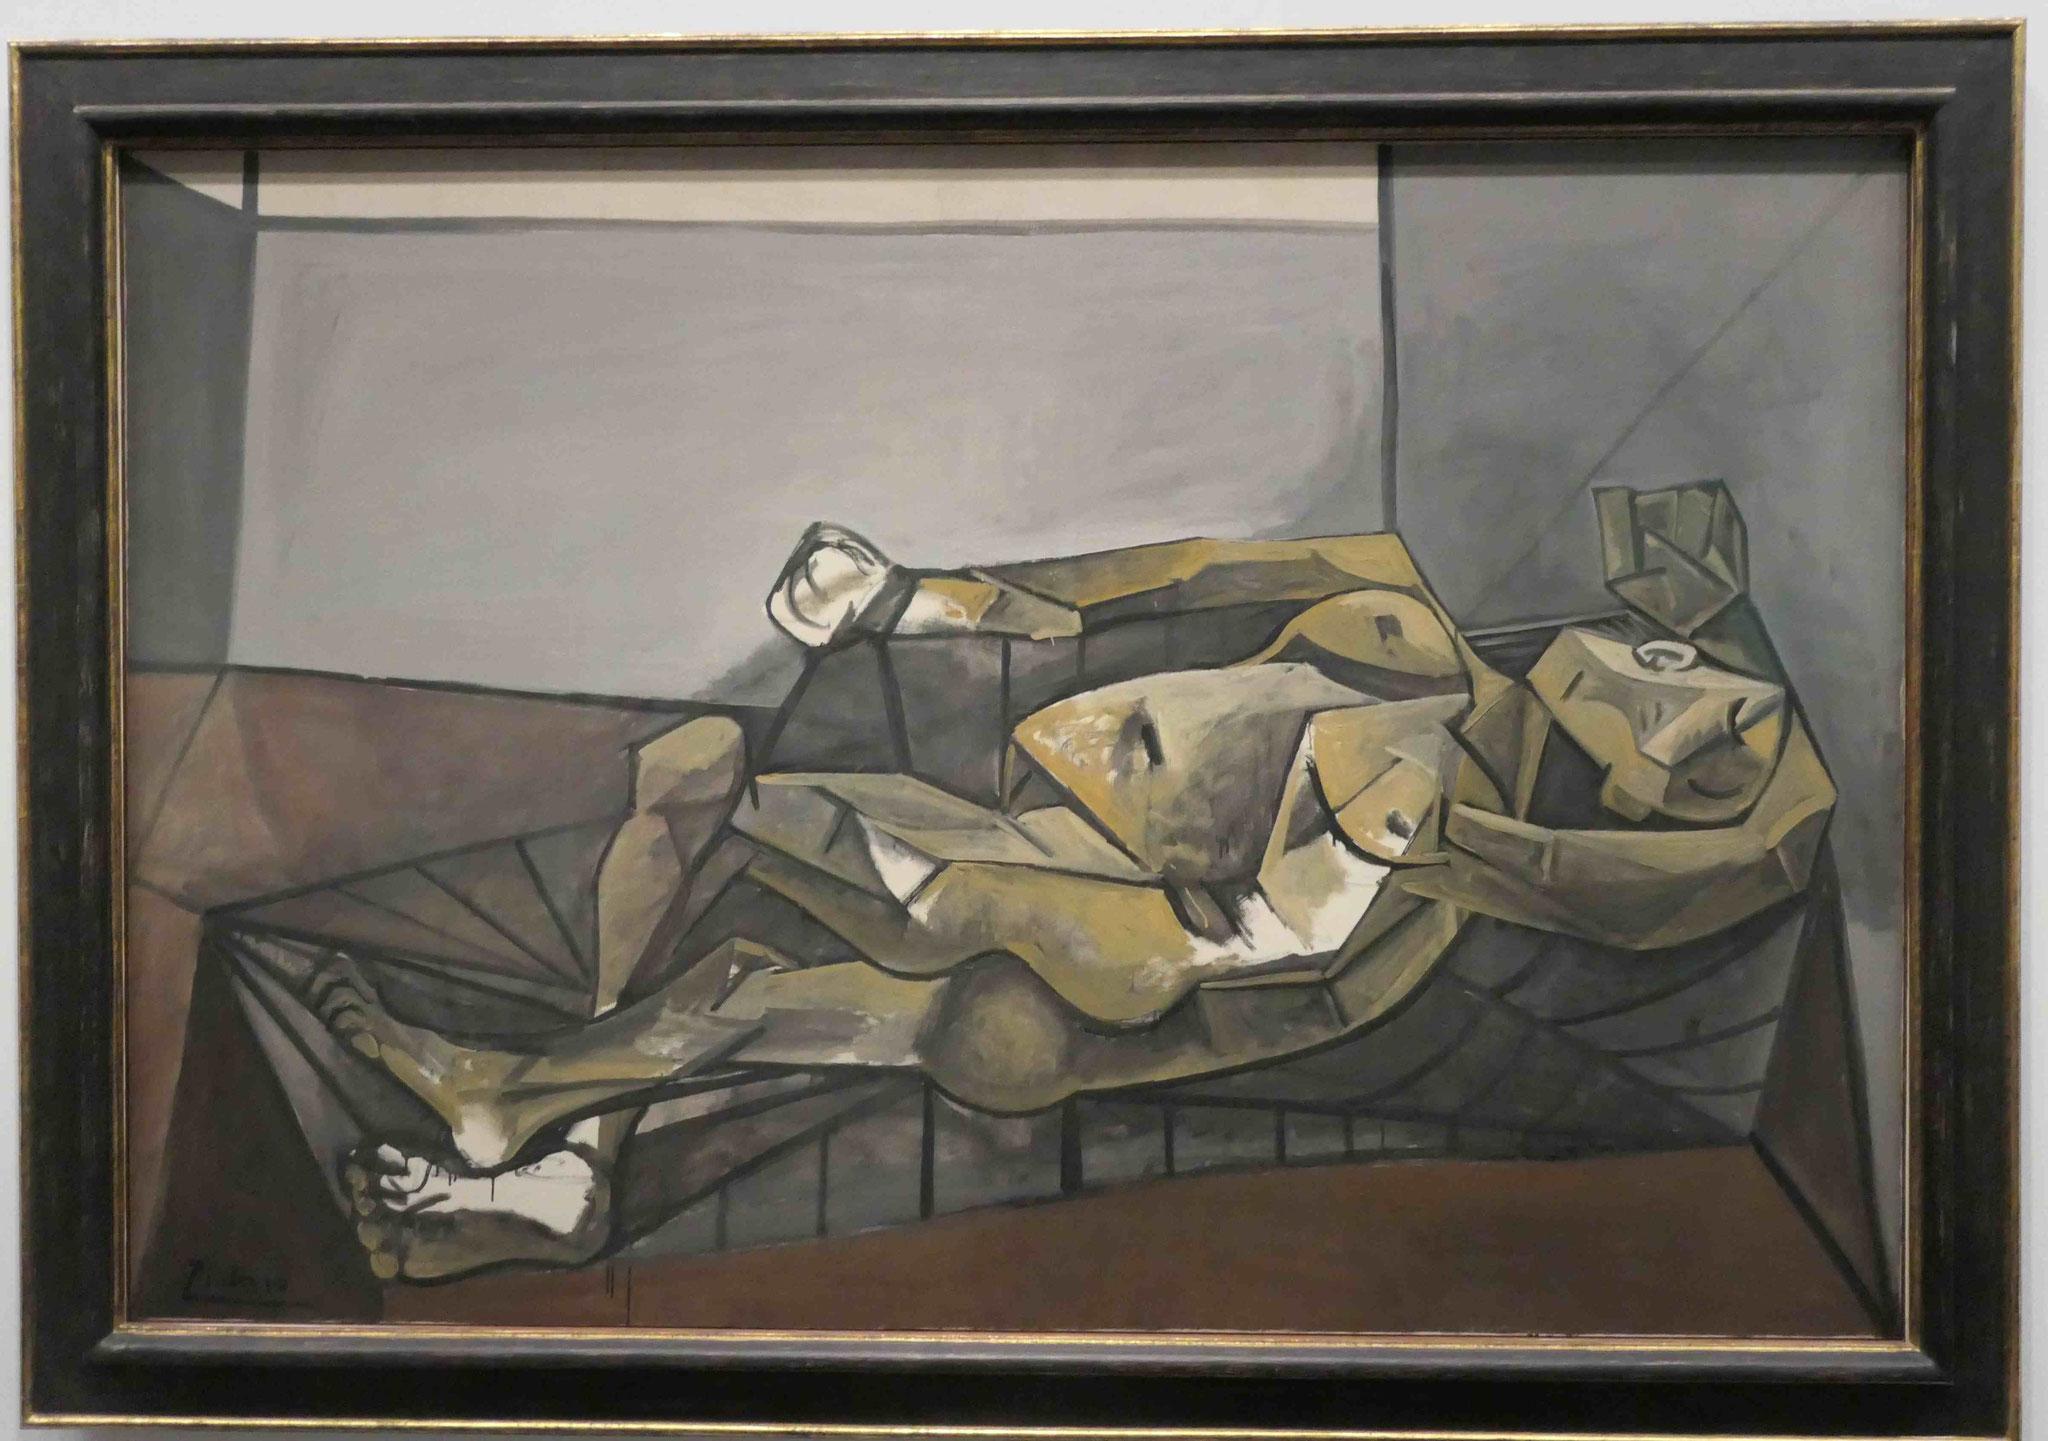 Pablo Picasso, Großer liegender Akt, 1942, Neue Nationalgalerie Berlin